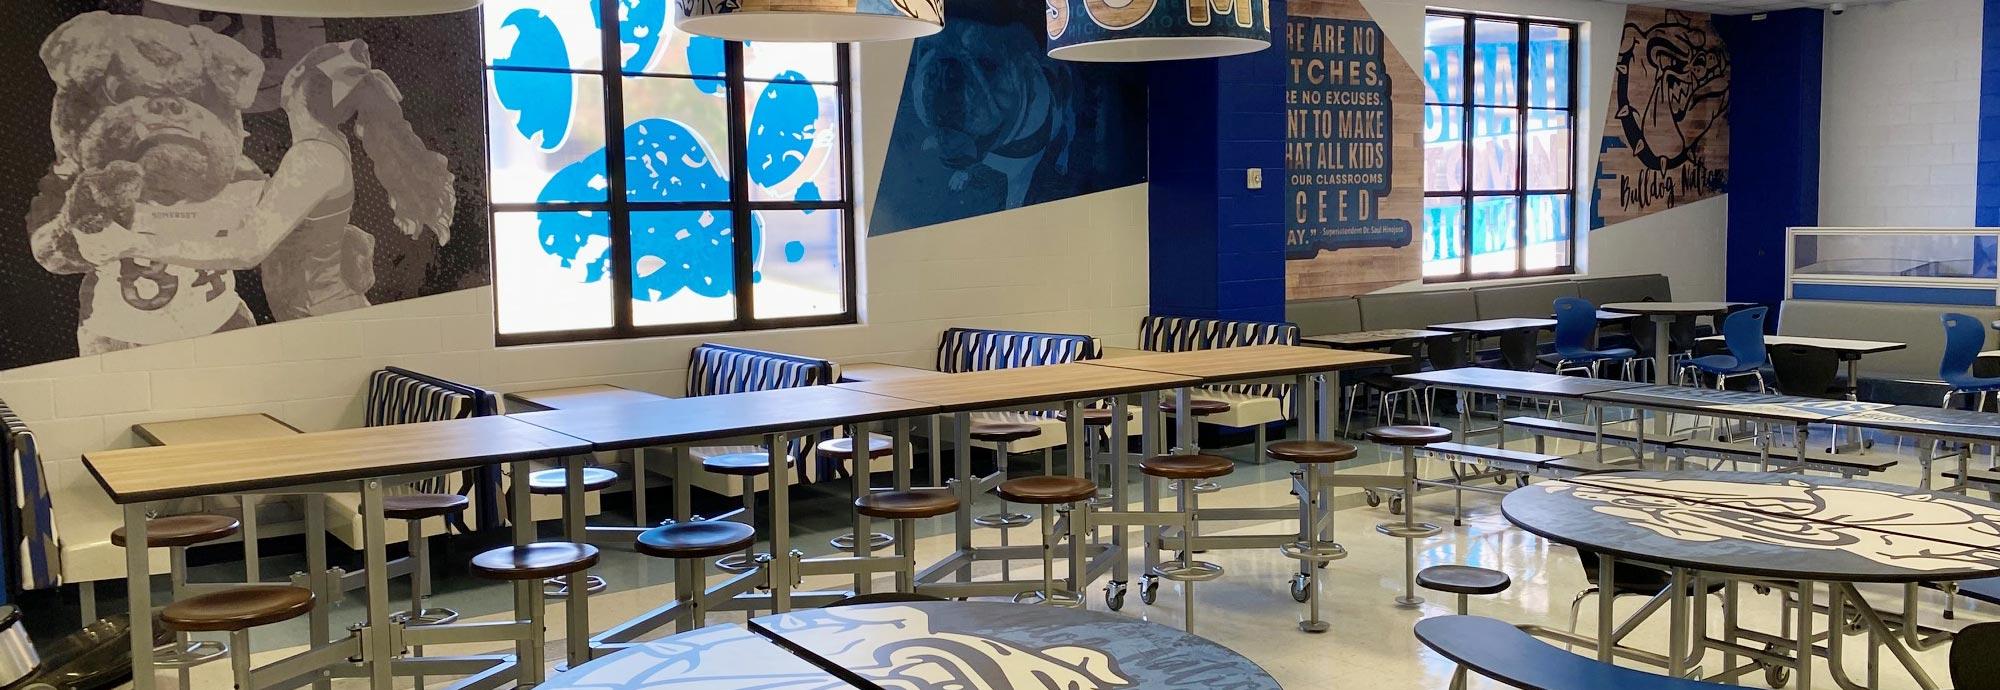 Explore Our Cafés & Cafeterias